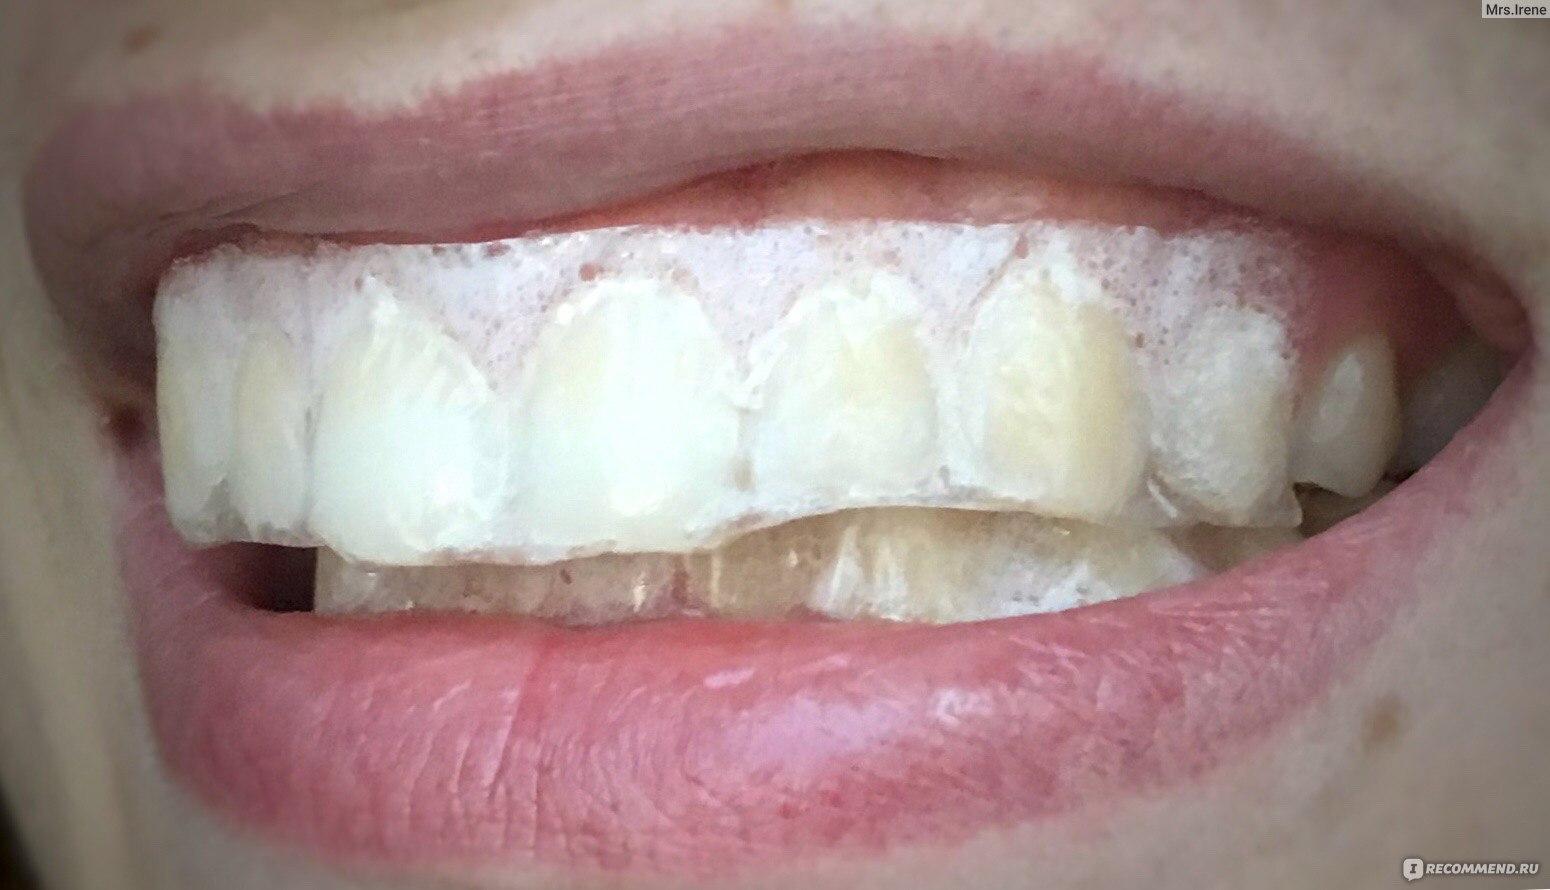 сайте отбеливание зубов перекисью фото забуду, что именно